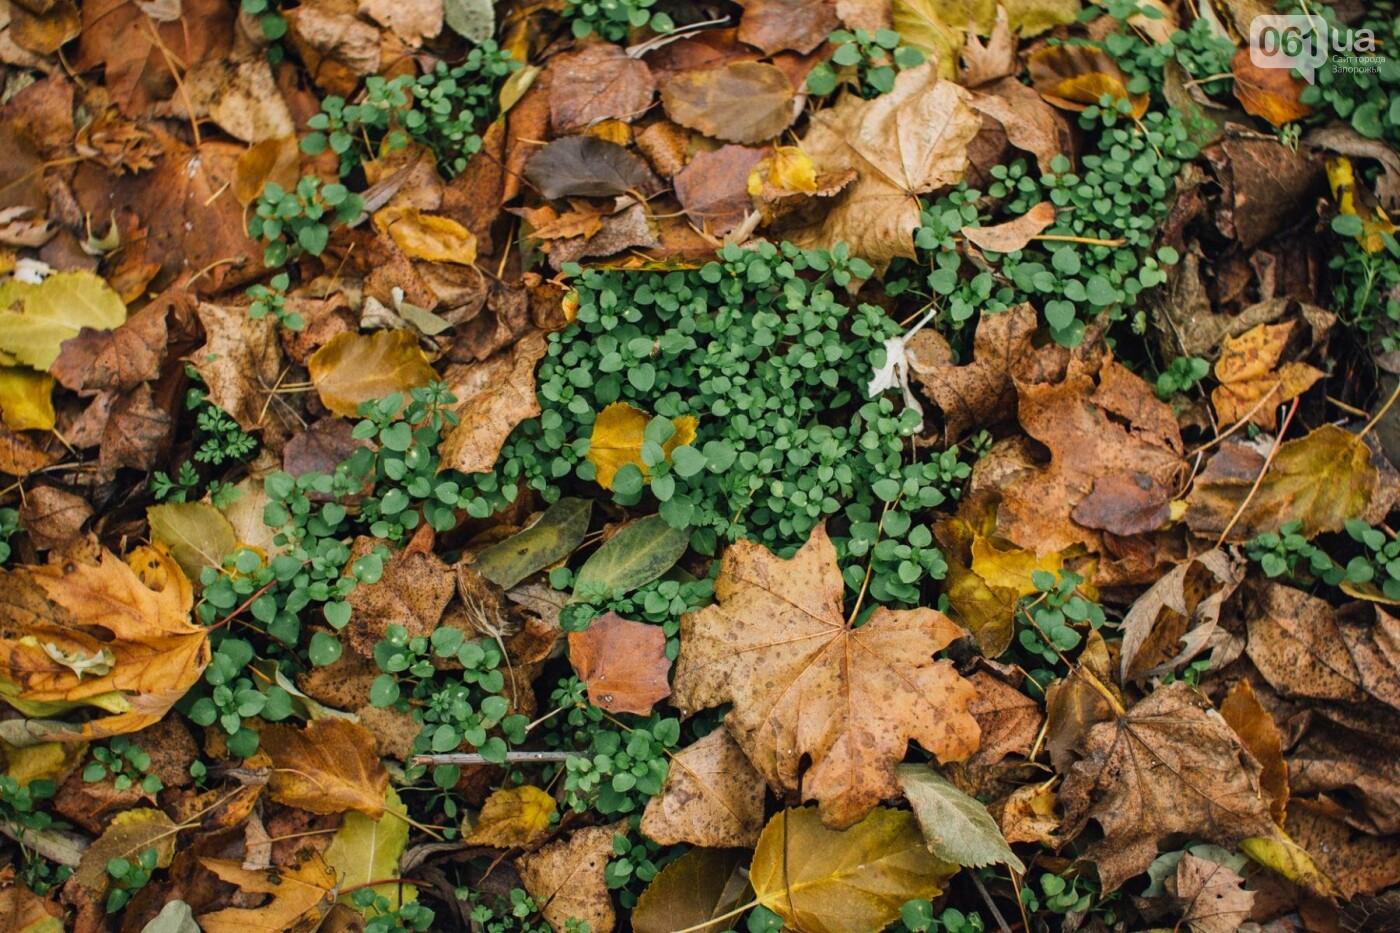 Четыре дня до зимы: как выглядит Хортица поздней осенью, - ФОТОРЕПОРТАЖ, фото-36